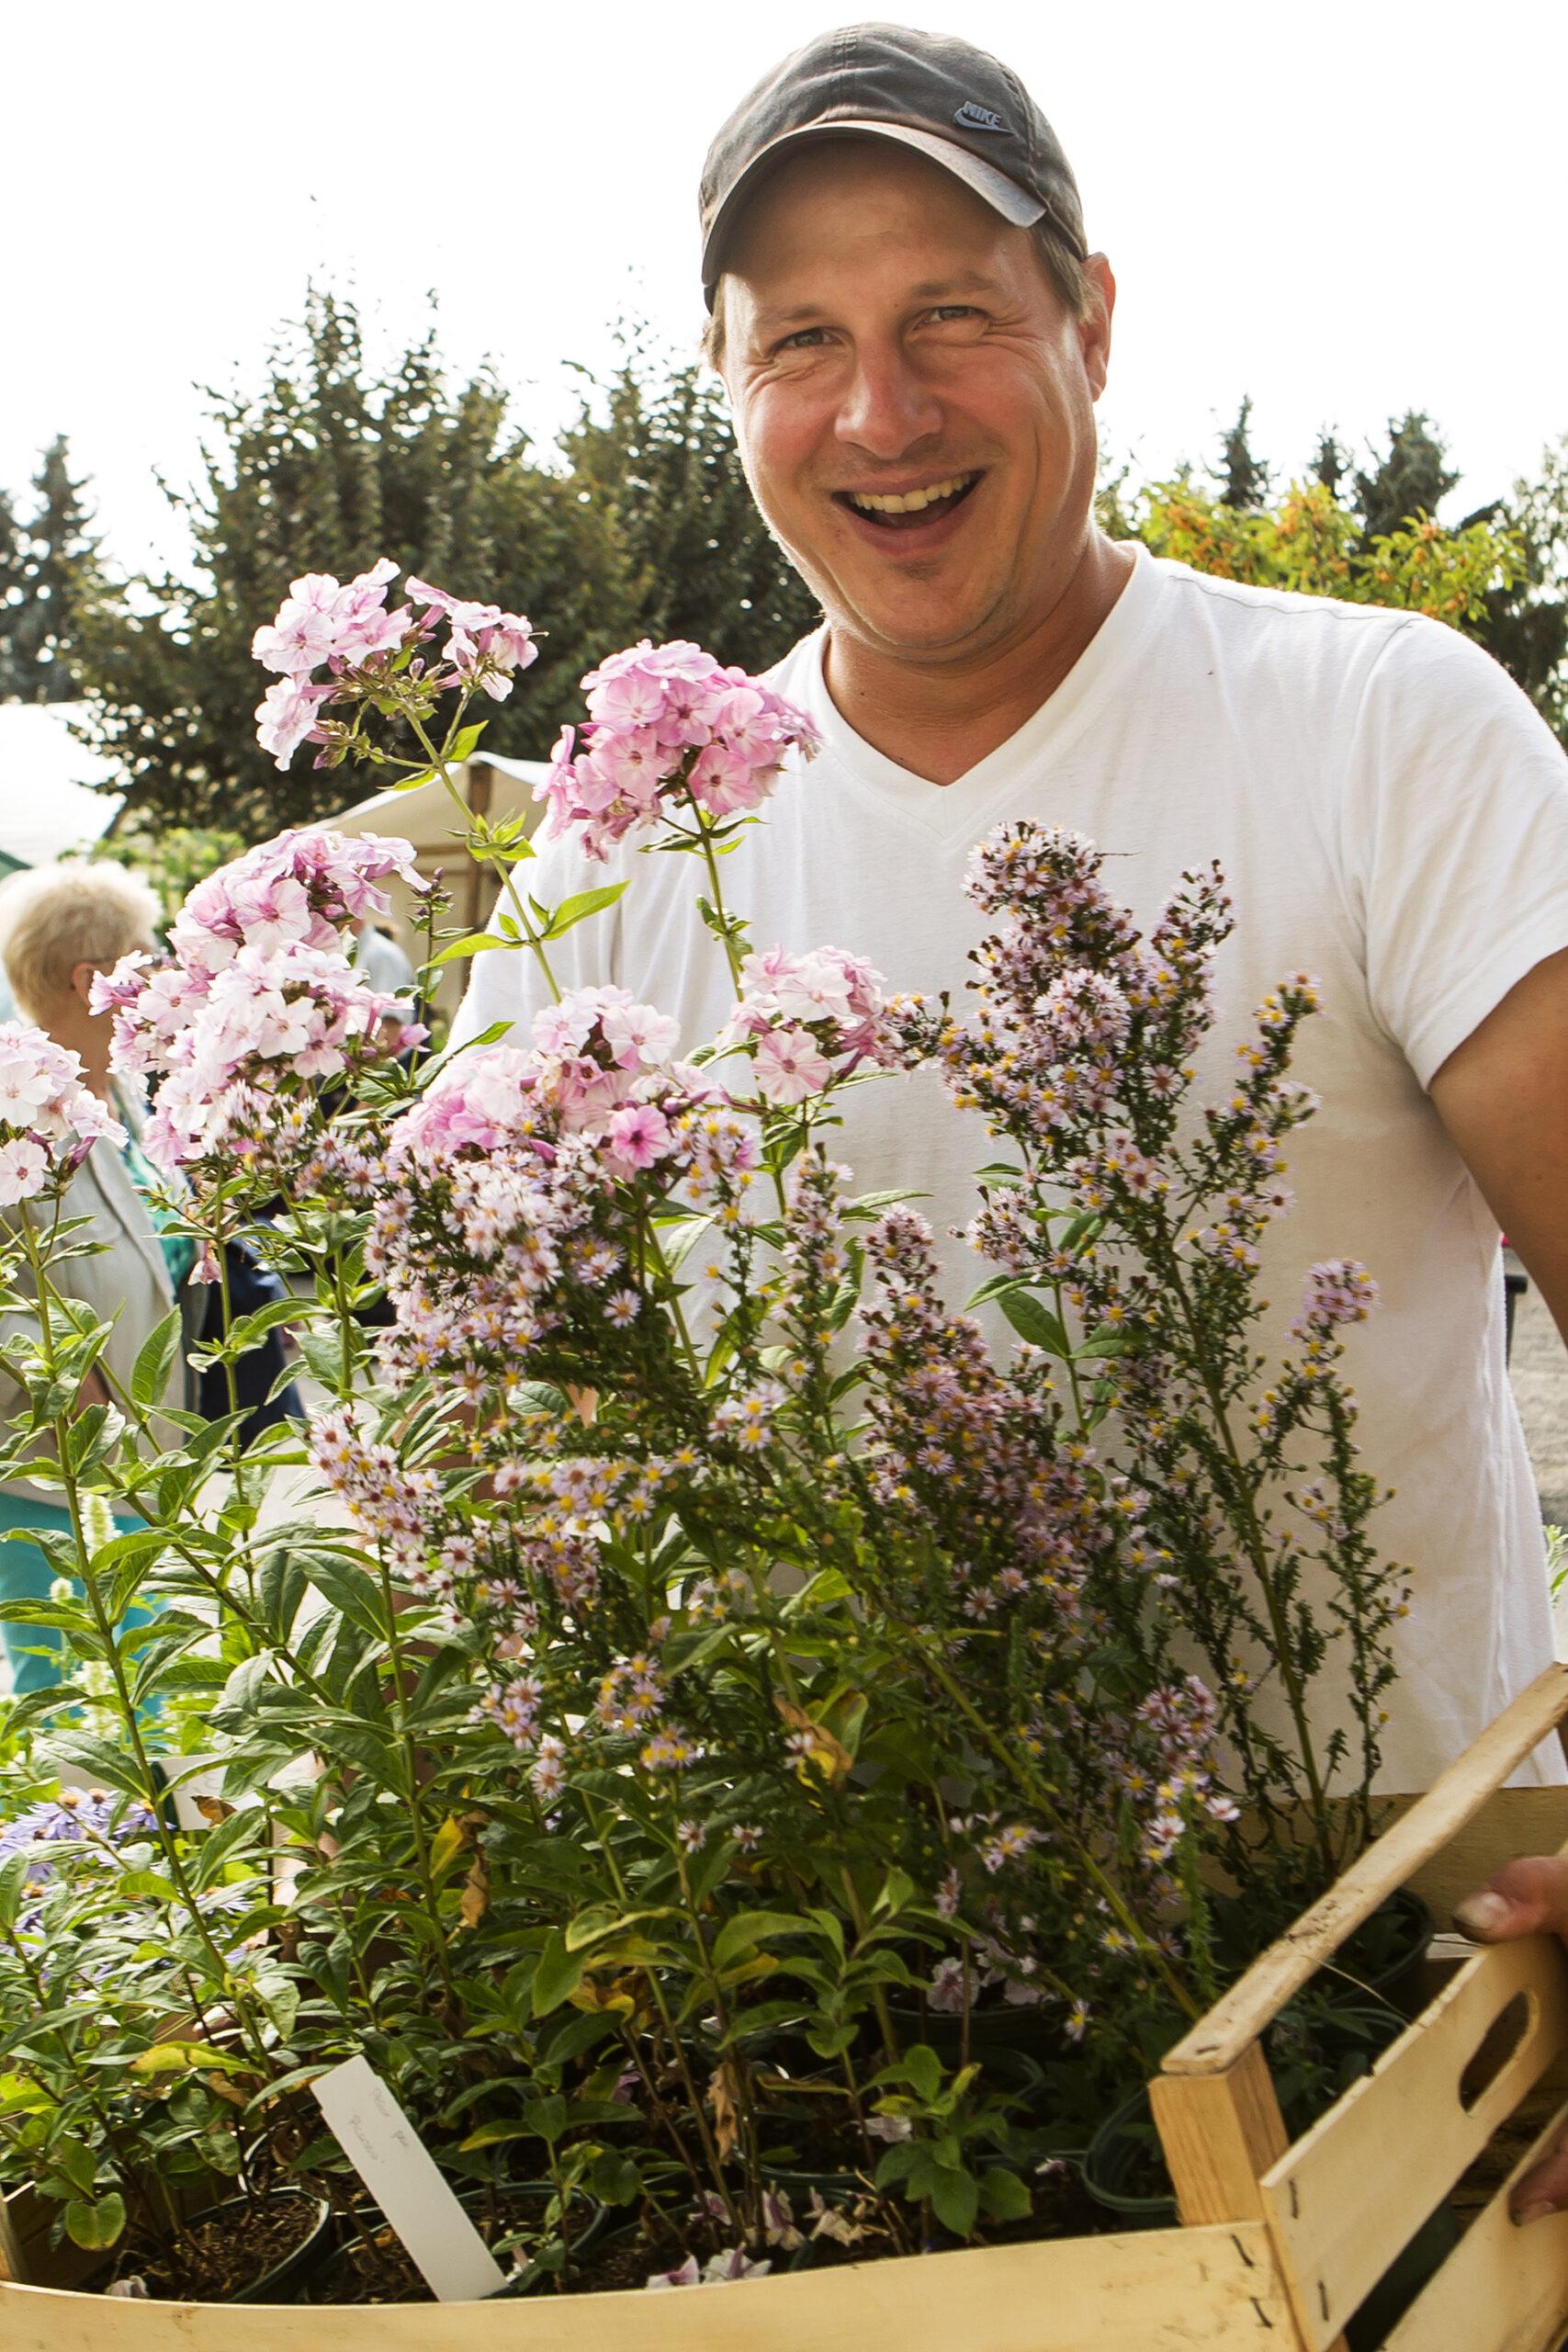 Aussteller beim Traditionsfest mit Herbstblumen